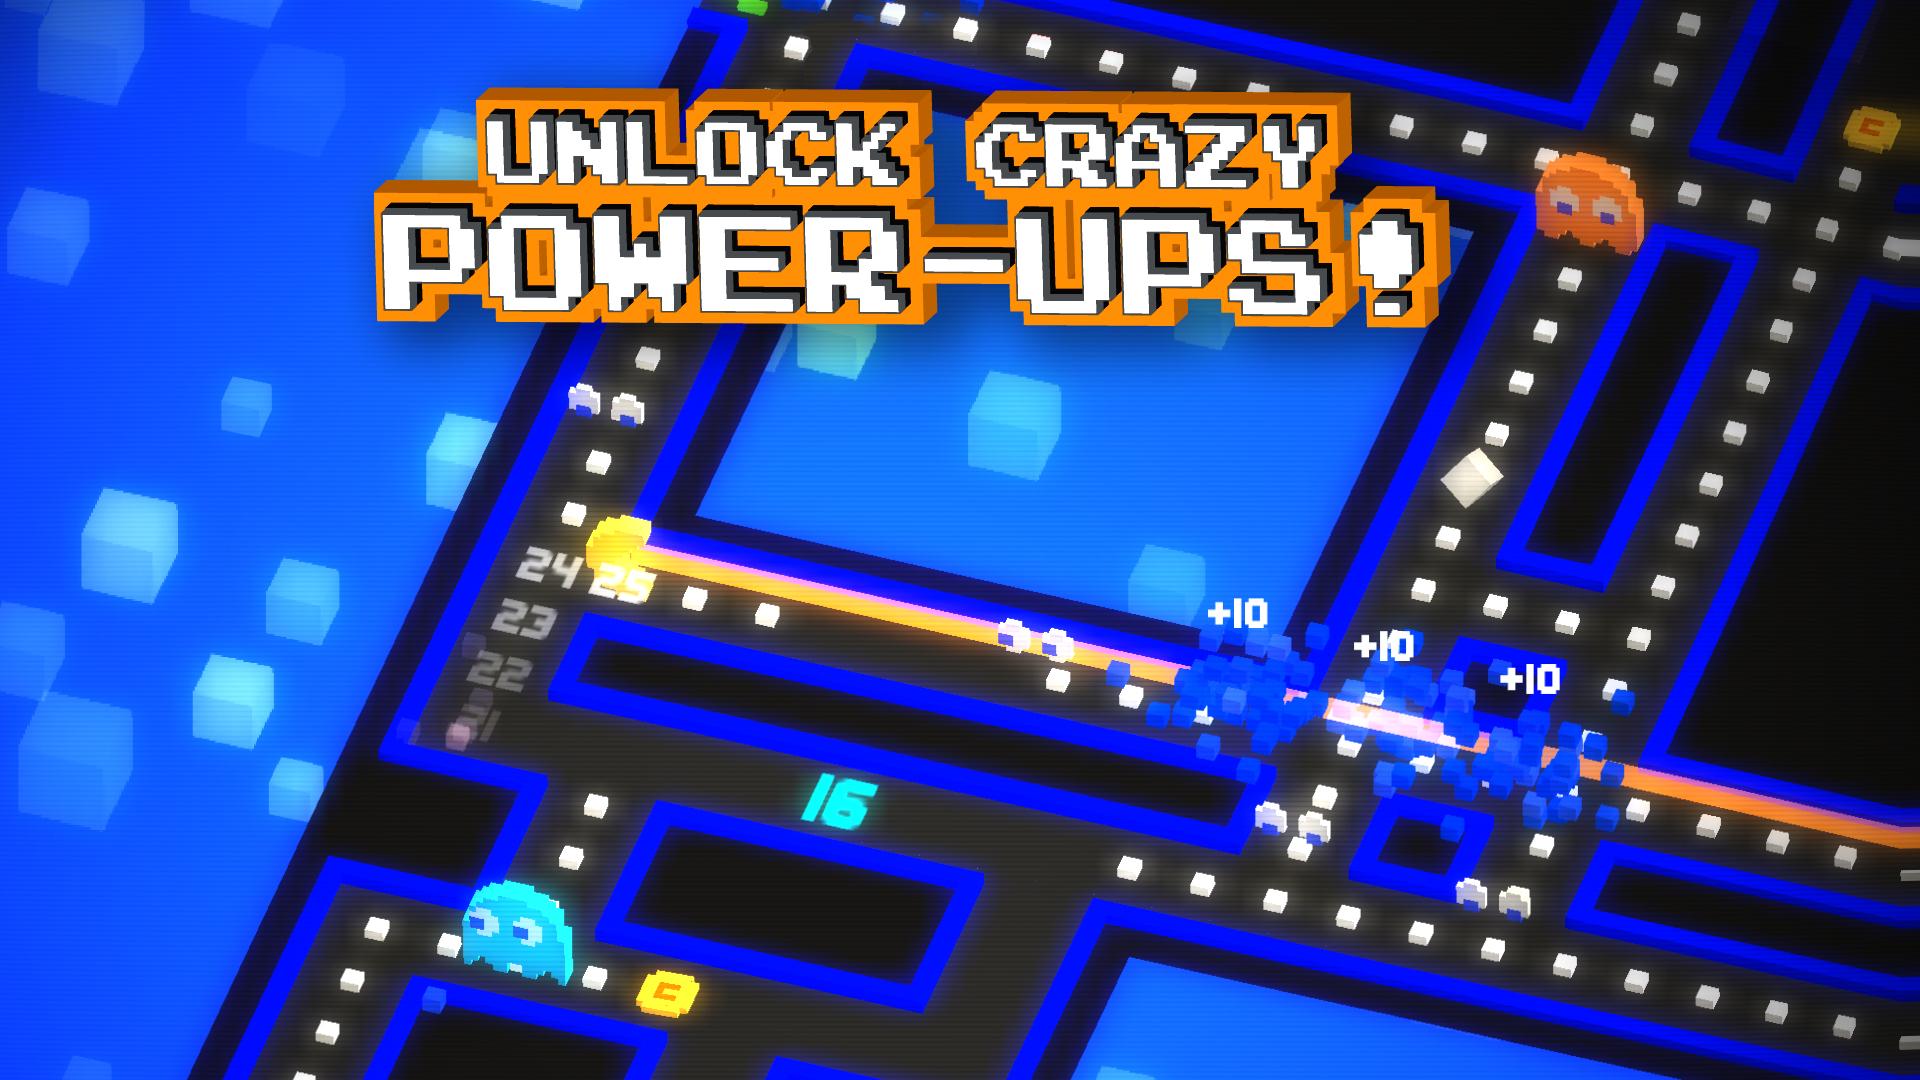 PAC-MAN 256 - Endless Arcade Maze screenshot 14